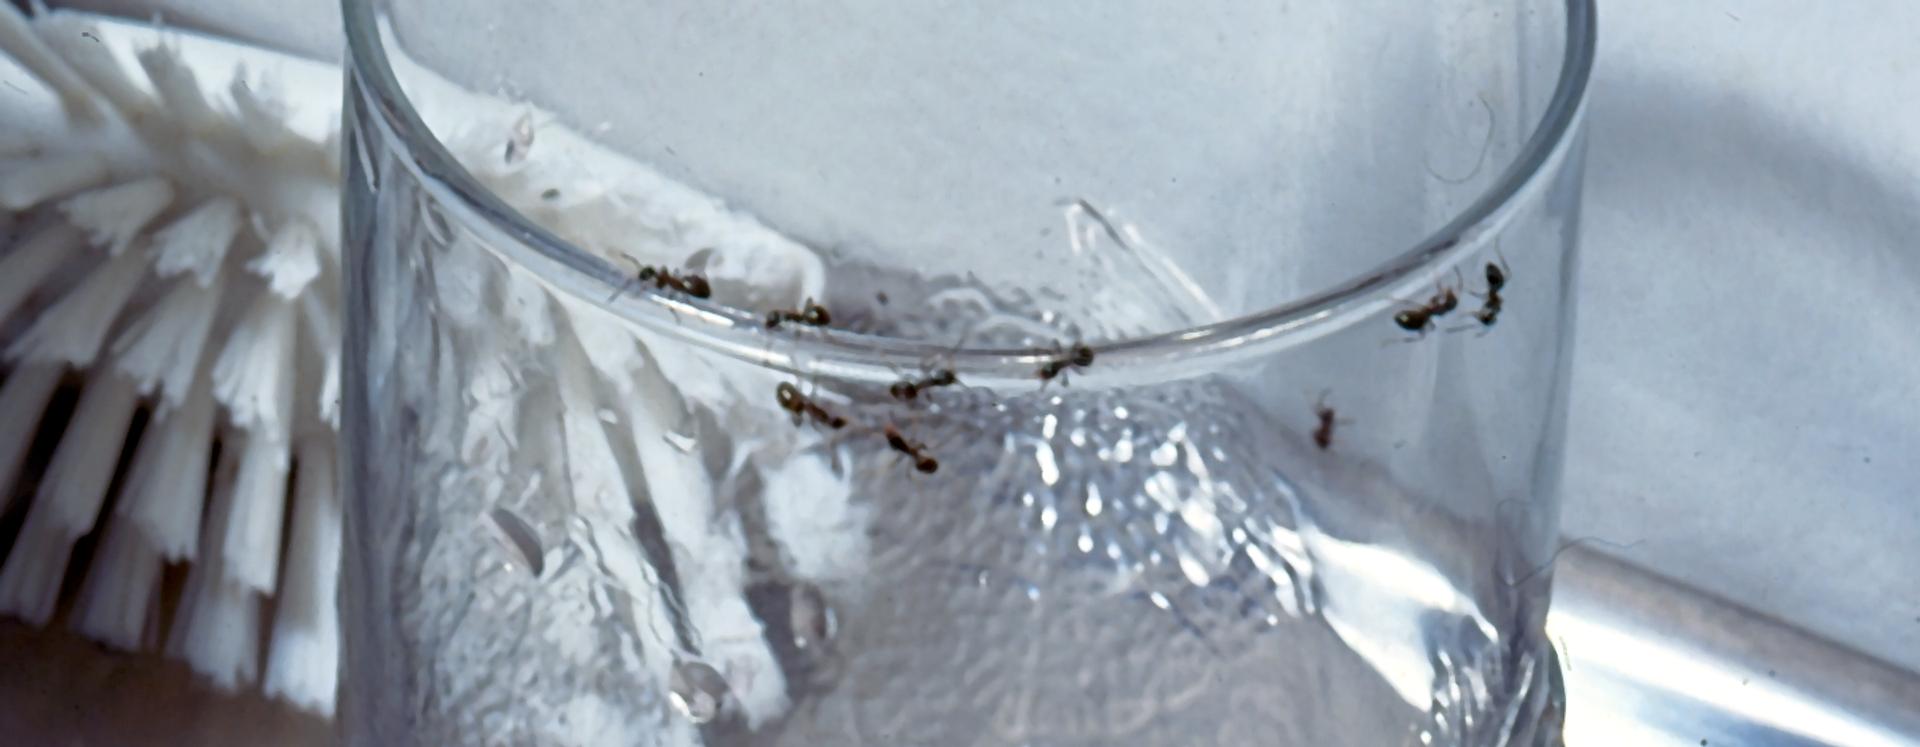 Myrebekæmpelse - det klarer Anticimex